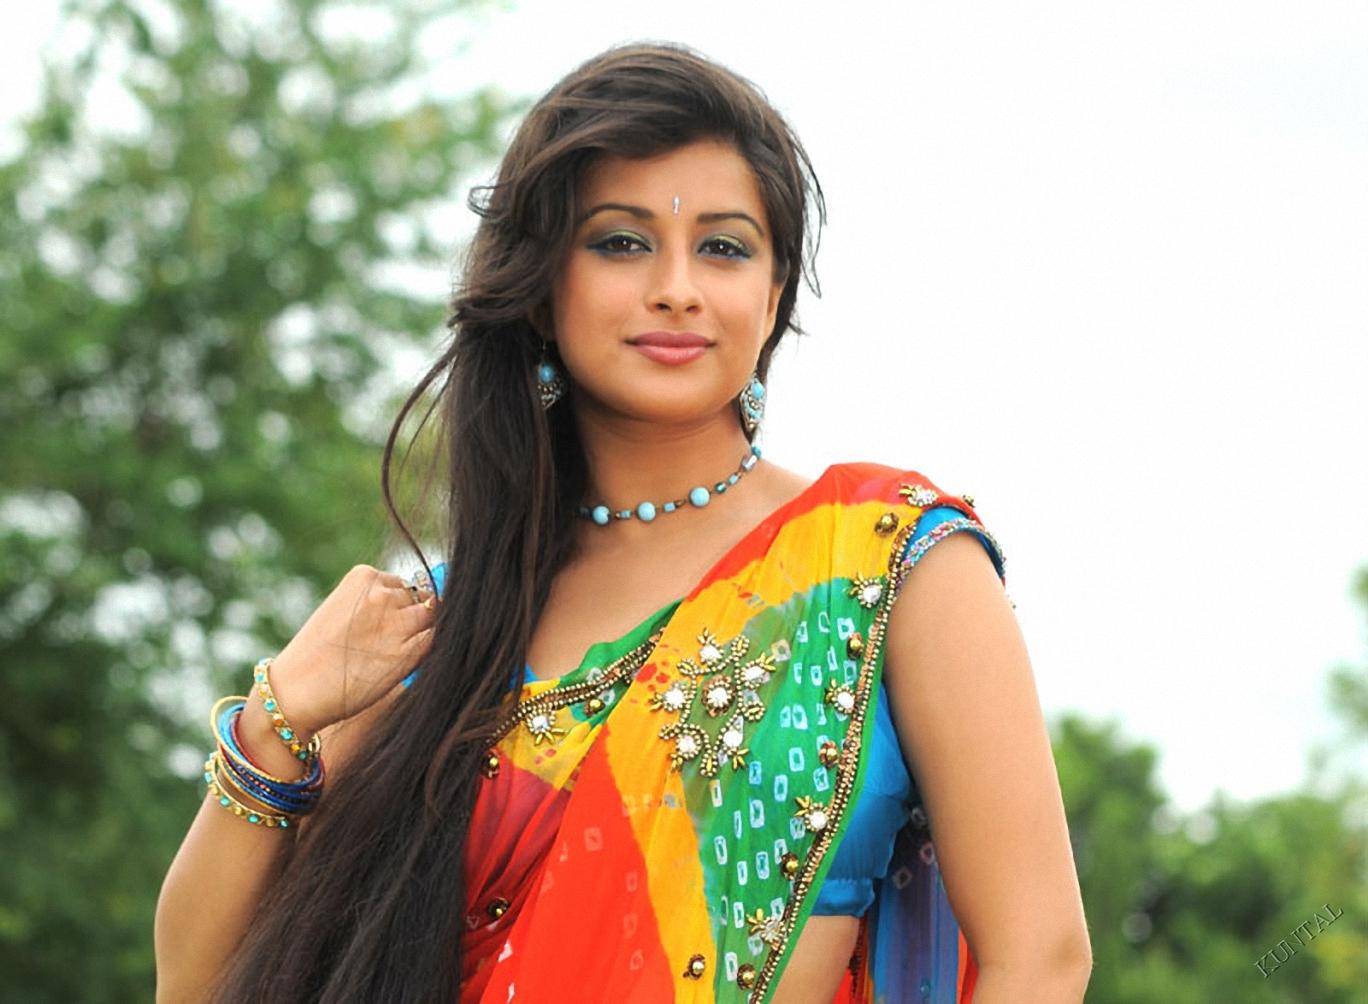 Indian Ladies Short Haircut Hylen Maddawards Com